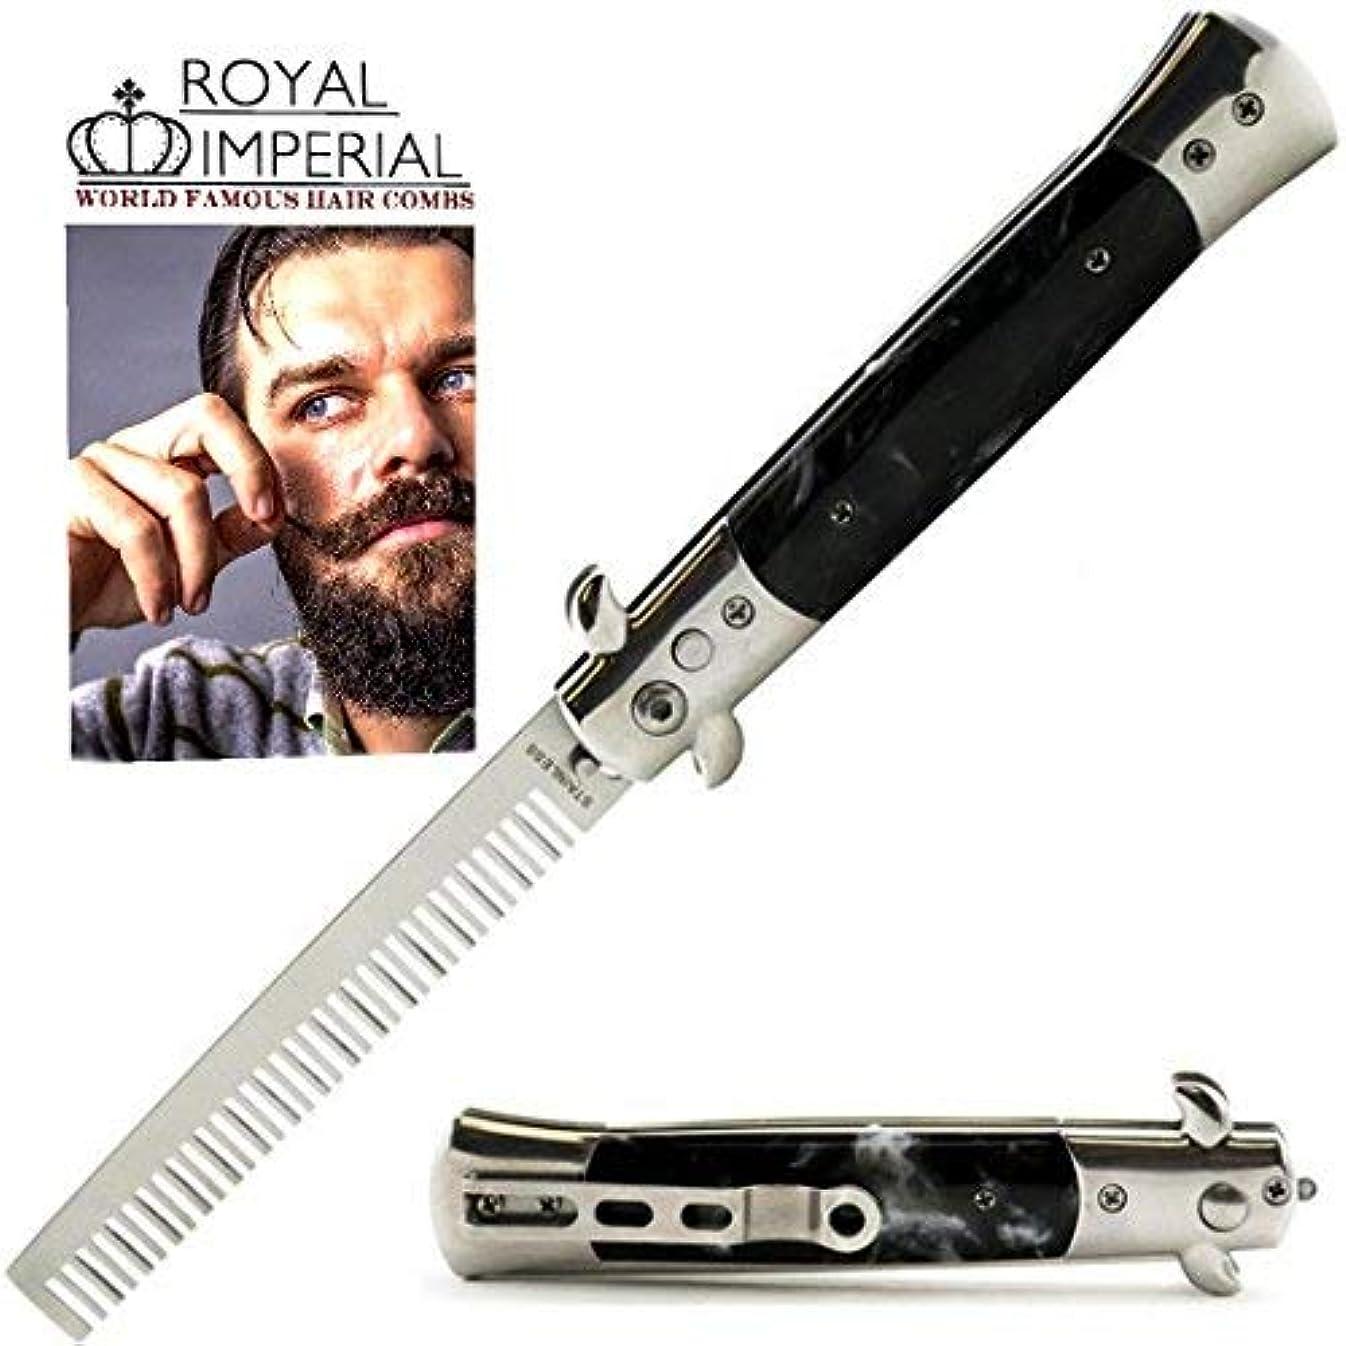 部屋を掃除する全体に知り合いになるRoyal Imperial Metal Switchblade Pocket Folding Flick Hair Comb For Beard, Mustache, Head Black Pearl Handle ~...